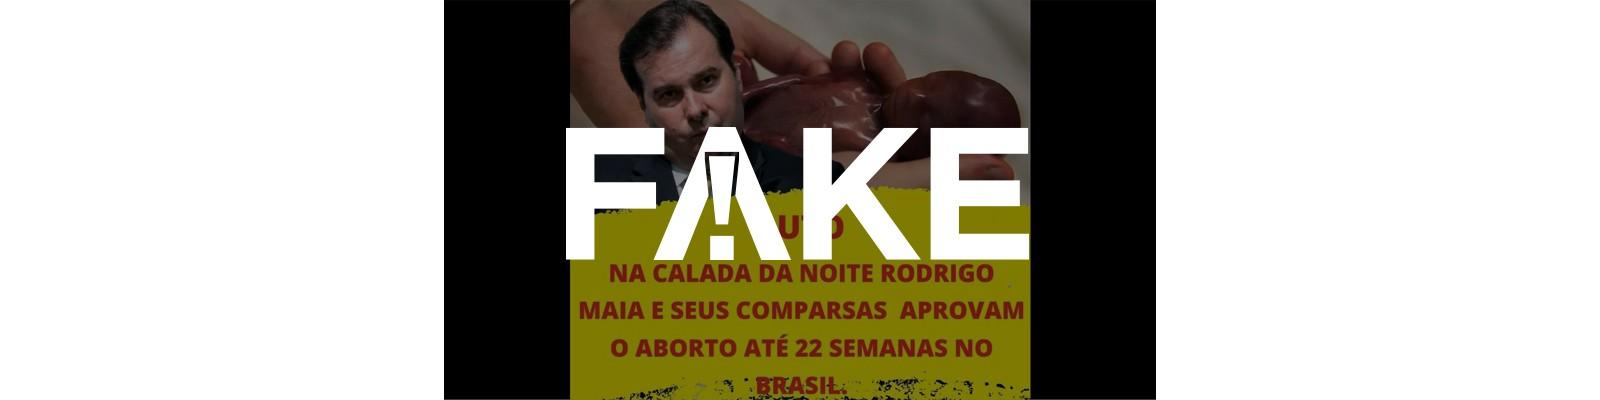 É #FAKE que Câmara aprovou aborto até 22 semanas no Brasil